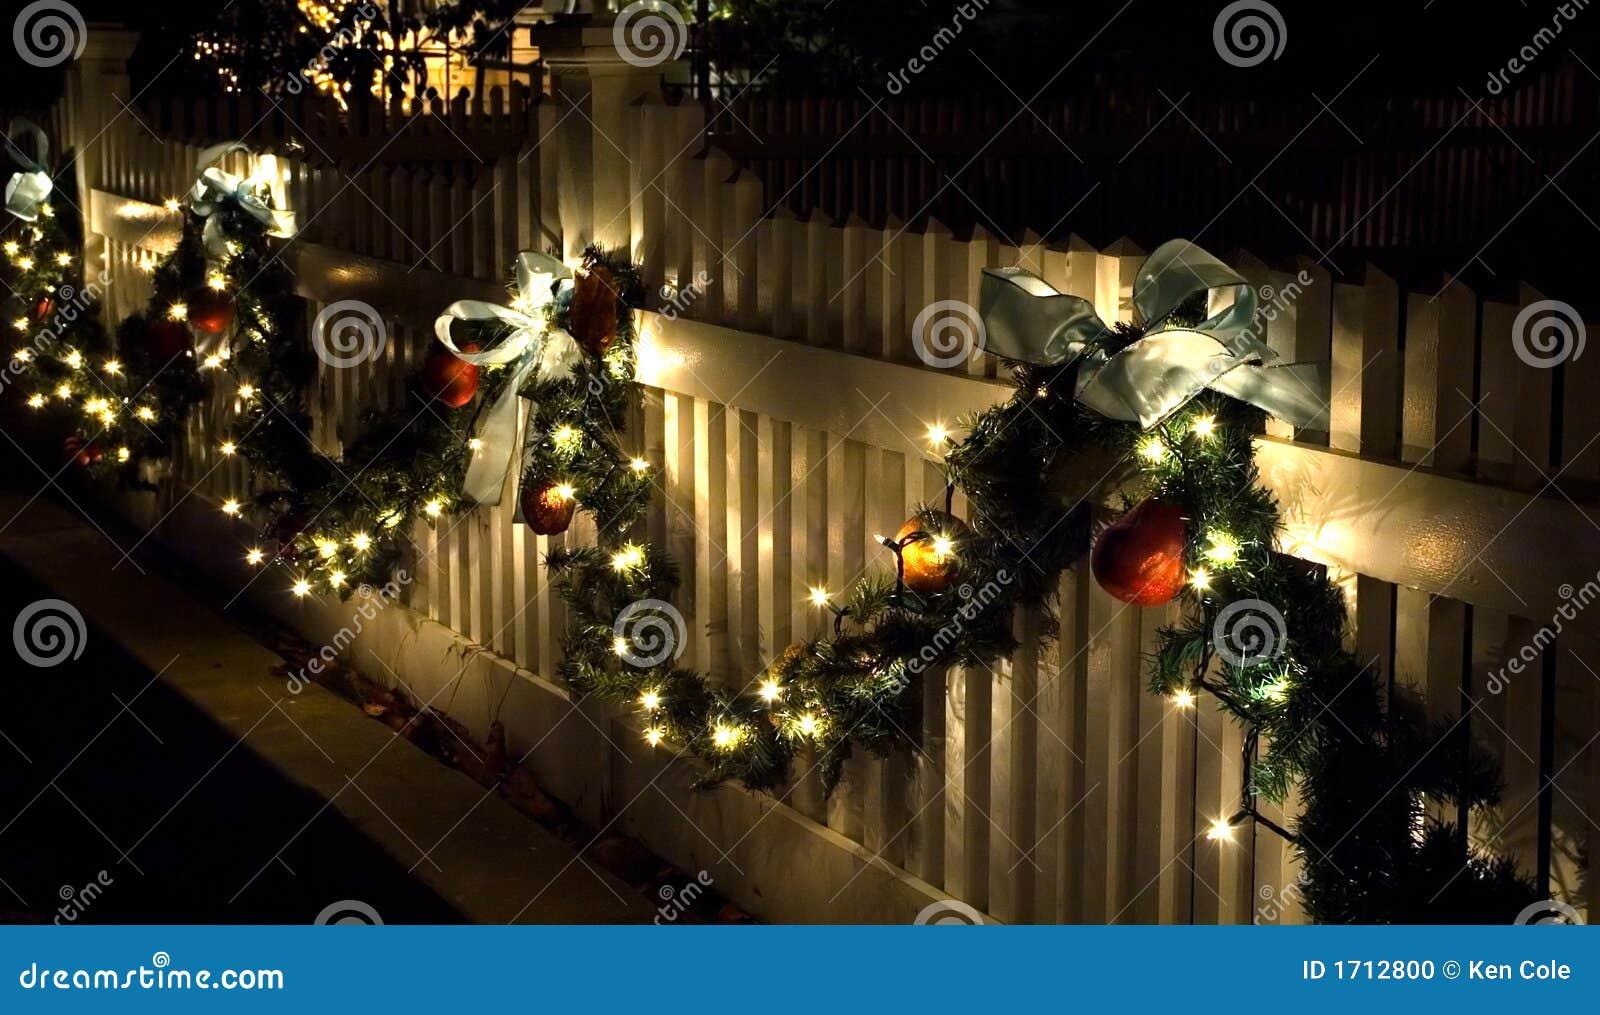 Holiday Fence Decorations Stock Photo Image 1712800